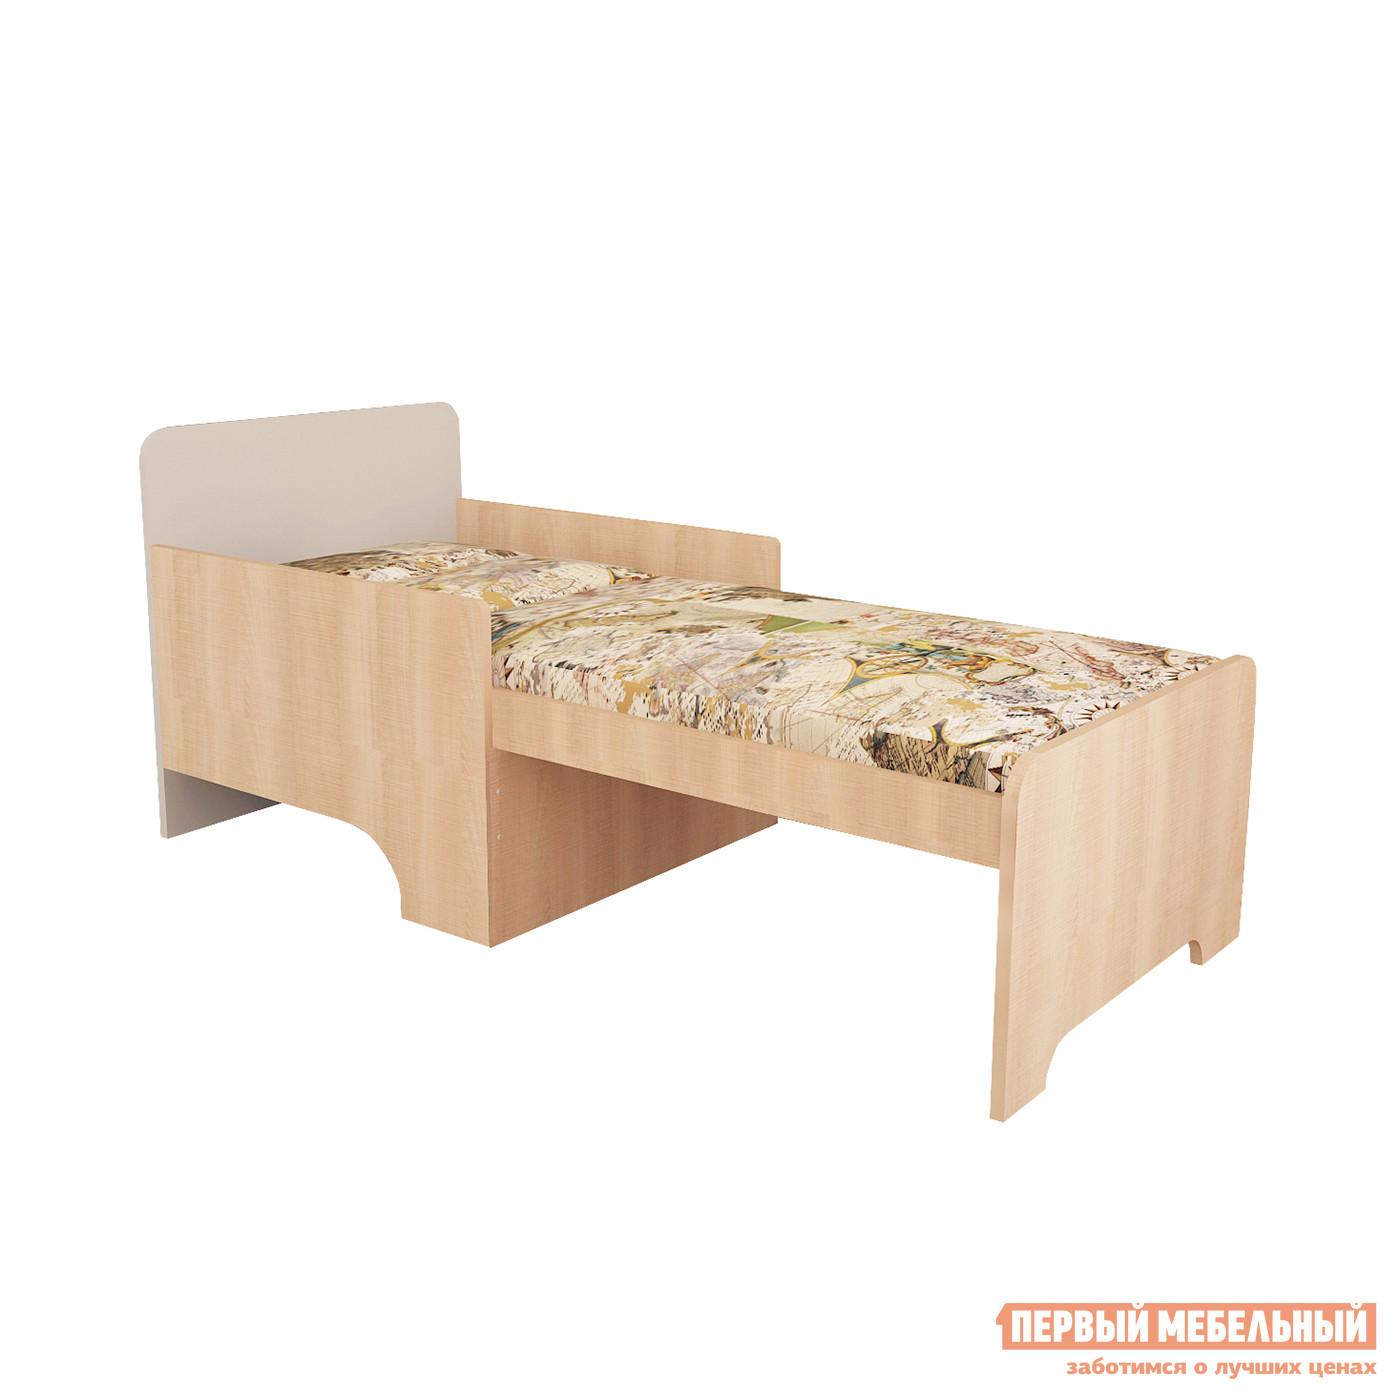 Детская кровать МО РОСТ Кровать вырастайка Первой цены Мадейра / СерыйДетские кровати<br>Габаритные размеры ВхШхГ 660x684x1232 / 1632 мм. Современная и лаконичная кровать для юных непосед будет расти вместе со своим обладателем. Удобный матрас и подушки, которые входят в комплект, подарят только самые приятные сновидения. Материал изготовления — ЛДСП.<br><br>Цвет: Серый<br>Цвет: Светлое дерево<br>Высота мм: 660<br>Ширина мм: 684<br>Глубина мм: 1232 / 1632<br>Кол-во упаковок: 2<br>Форма поставки: В разобранном виде<br>Срок гарантии: 1 год<br>Тип: Раздвижные<br>Тип: Трансформер<br>Тип: Одноярусные<br>Назначение: Для разного возраста<br>Материал: ЛДСП<br>Размер: Маленькие<br>Размер: Низкие<br>С бортиками: Да<br>С матрасом: Да<br>Возраст: От 3-х лет<br>Возраст: От 2-х лет<br>Возраст: От 4-х лет<br>Возраст: От 5 лет<br>Пол: Для девочек<br>Пол: Для мальчиков<br>Размер спального места: Односпальные